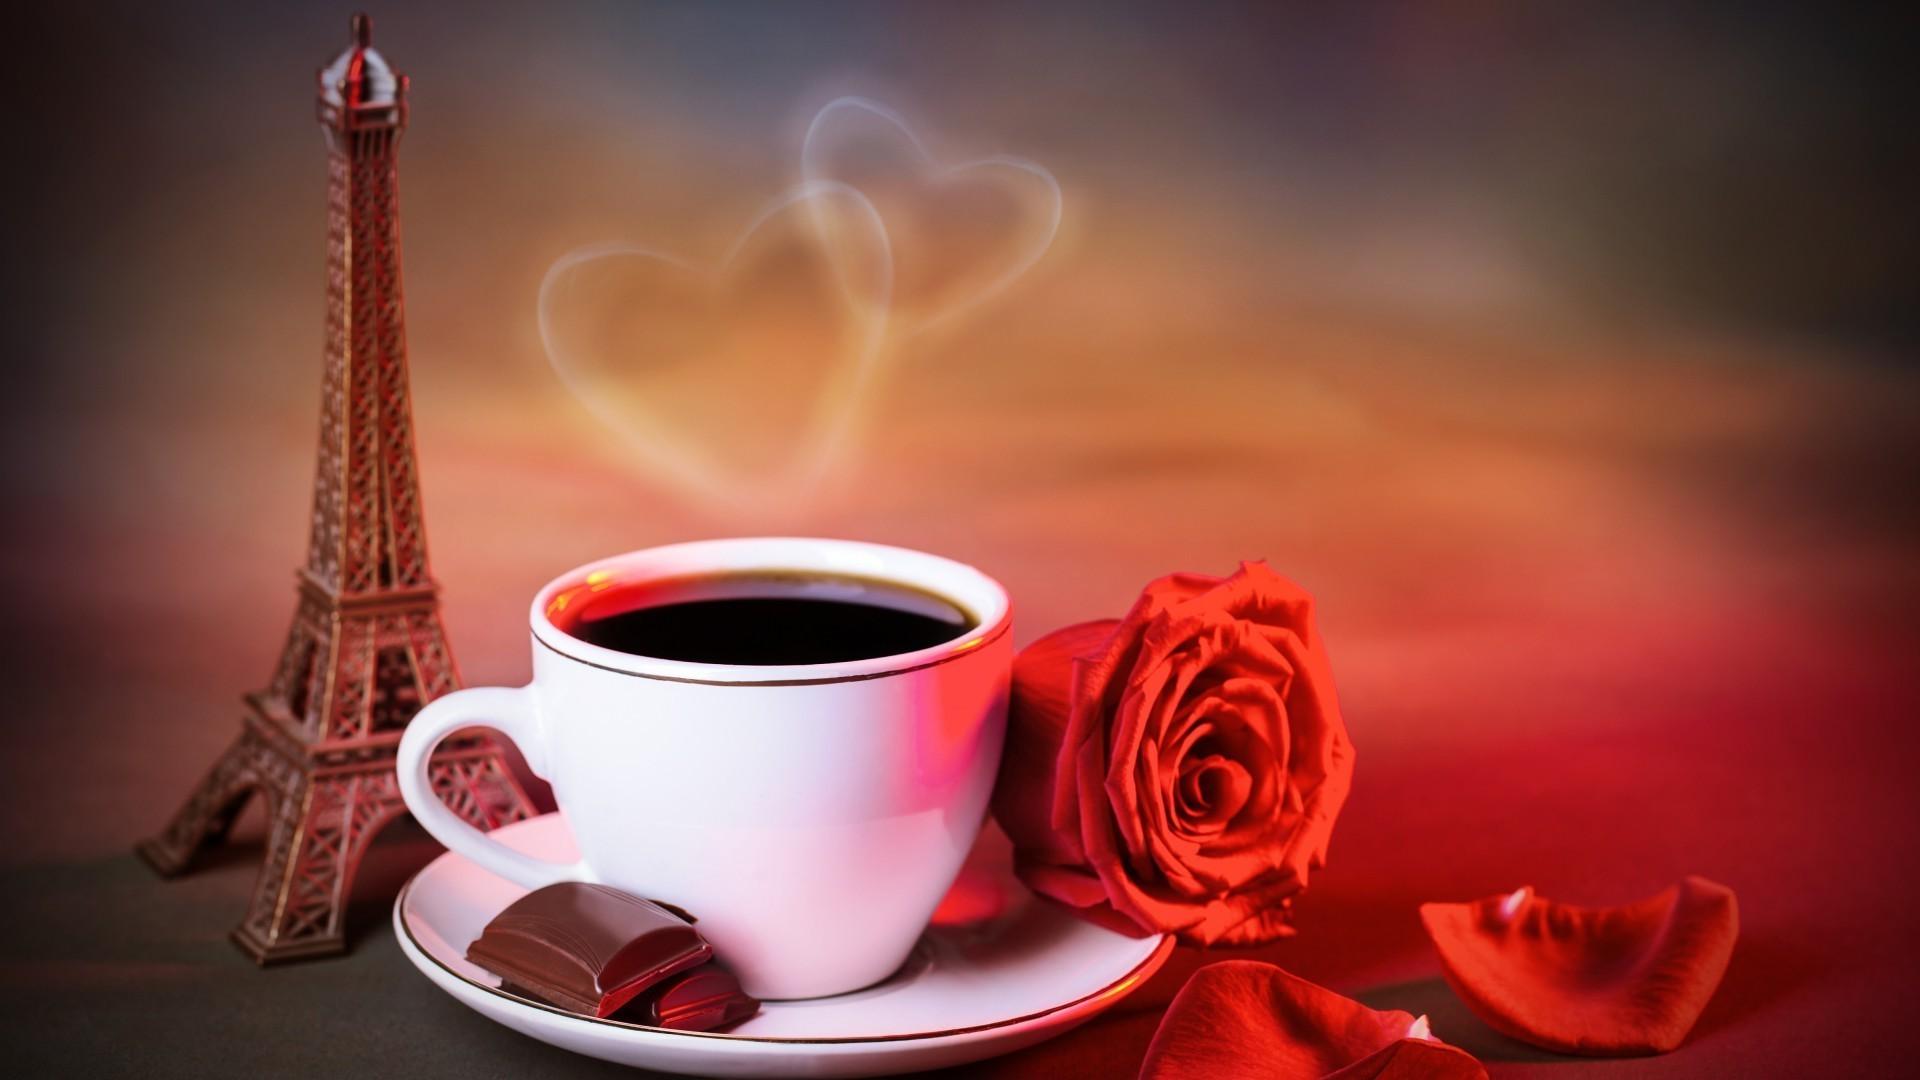 Открытки романтичные доброе утро любимая, открытки одноклассники